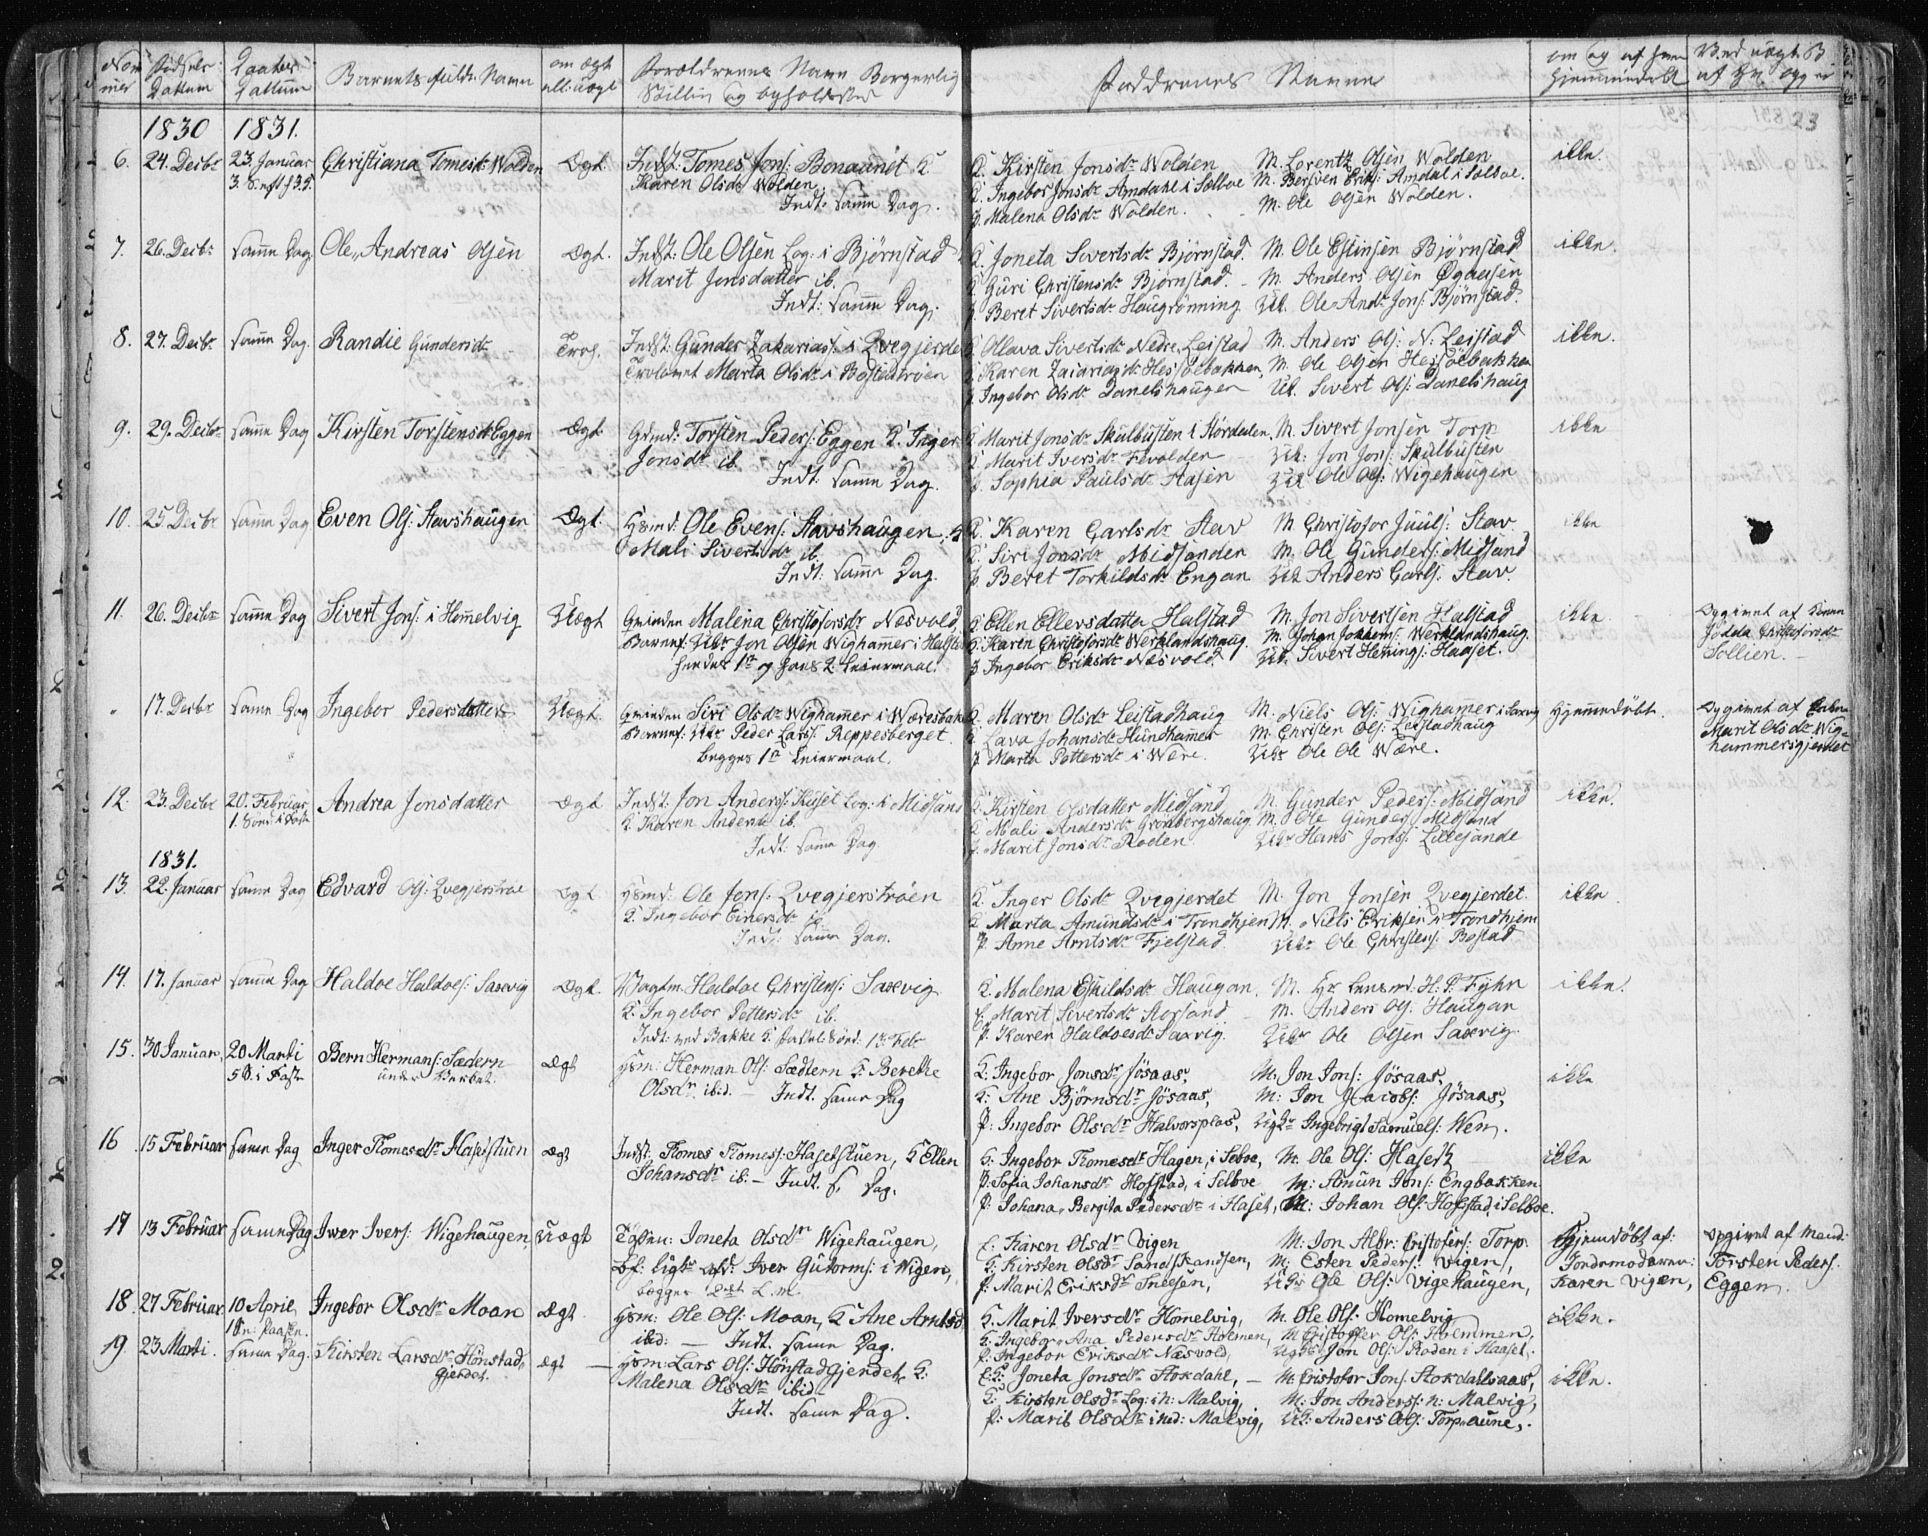 SAT, Ministerialprotokoller, klokkerbøker og fødselsregistre - Sør-Trøndelag, 616/L0404: Ministerialbok nr. 616A01, 1823-1831, s. 23